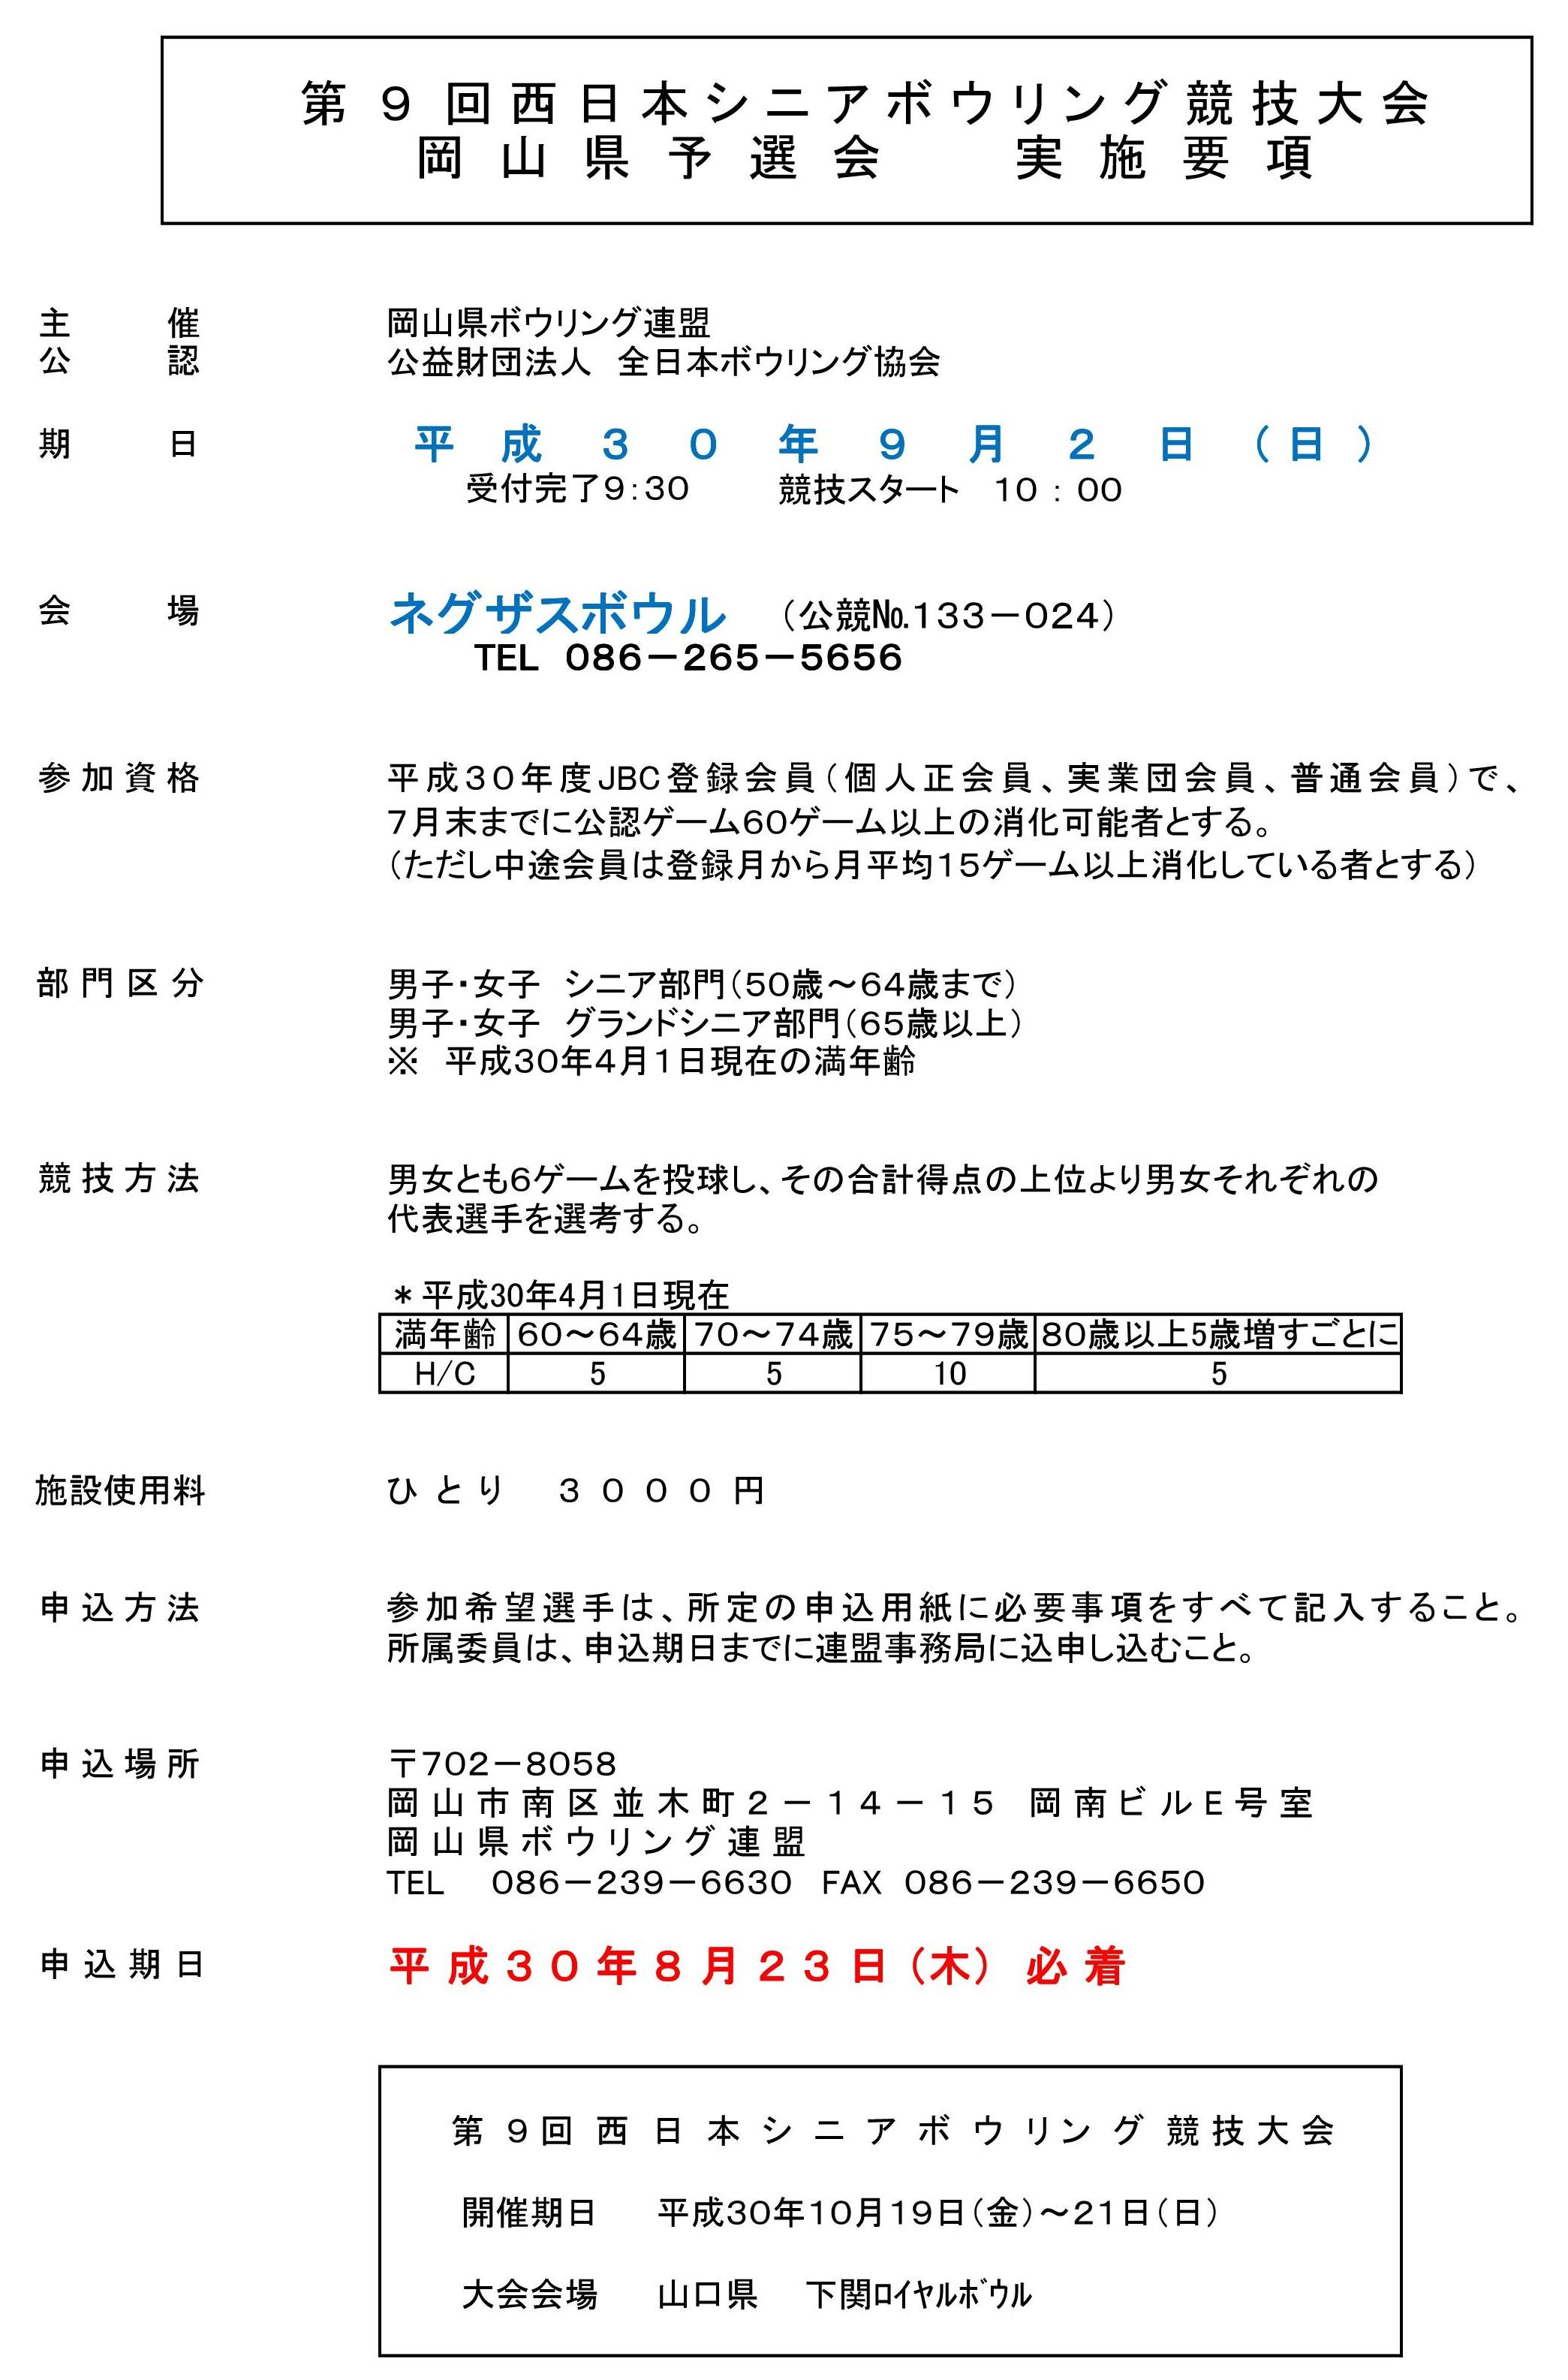 18.西日本シニアボウリング競技大会県予選会-001.jpg